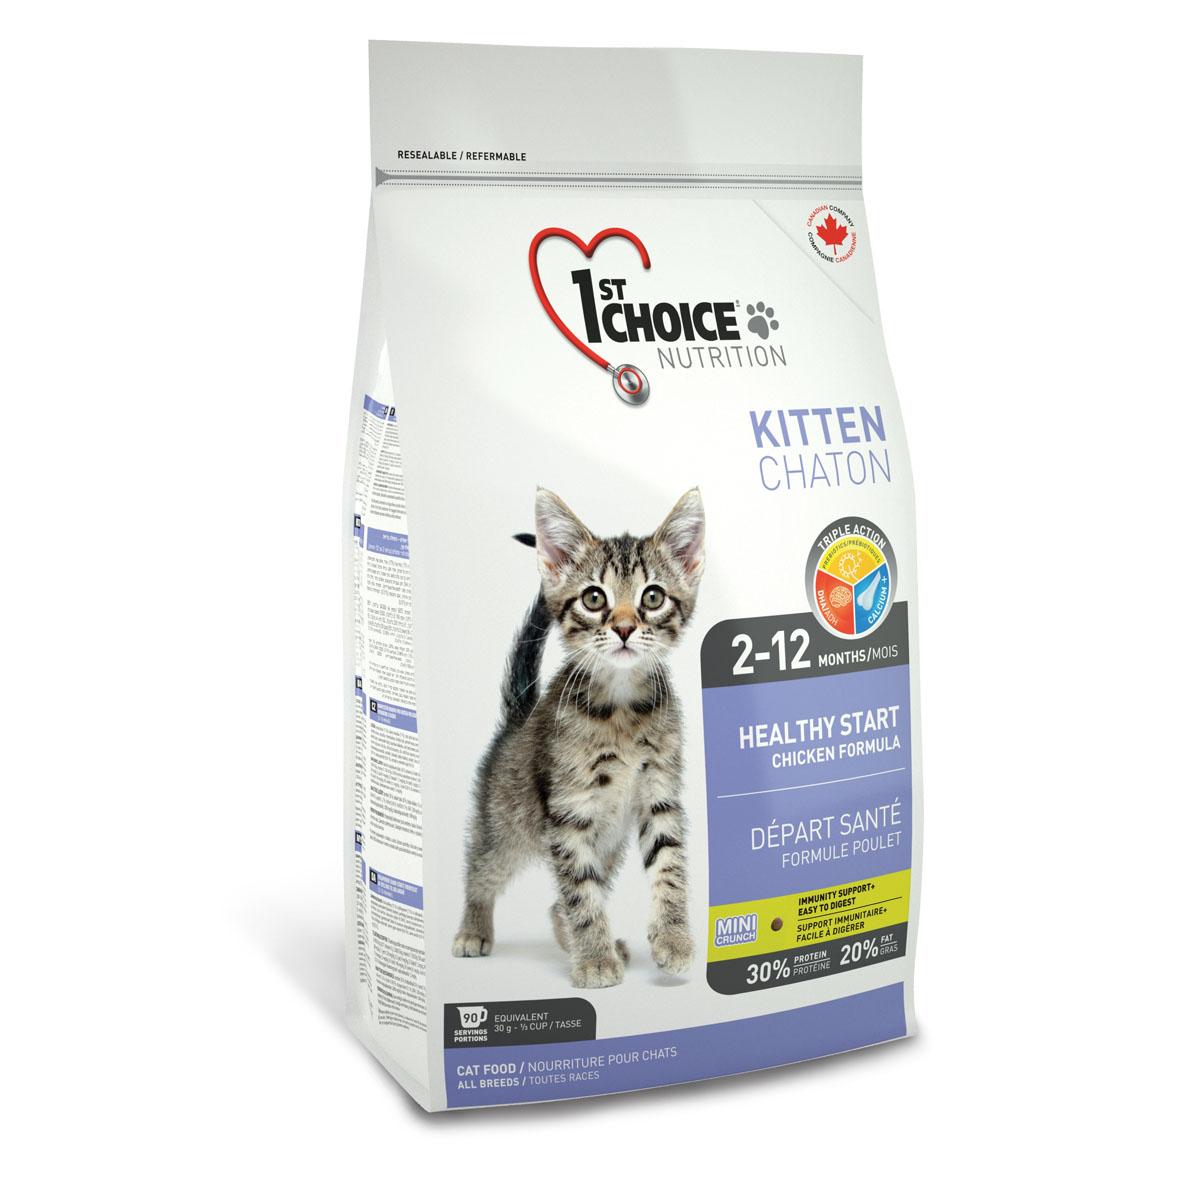 1st choice kitten купить